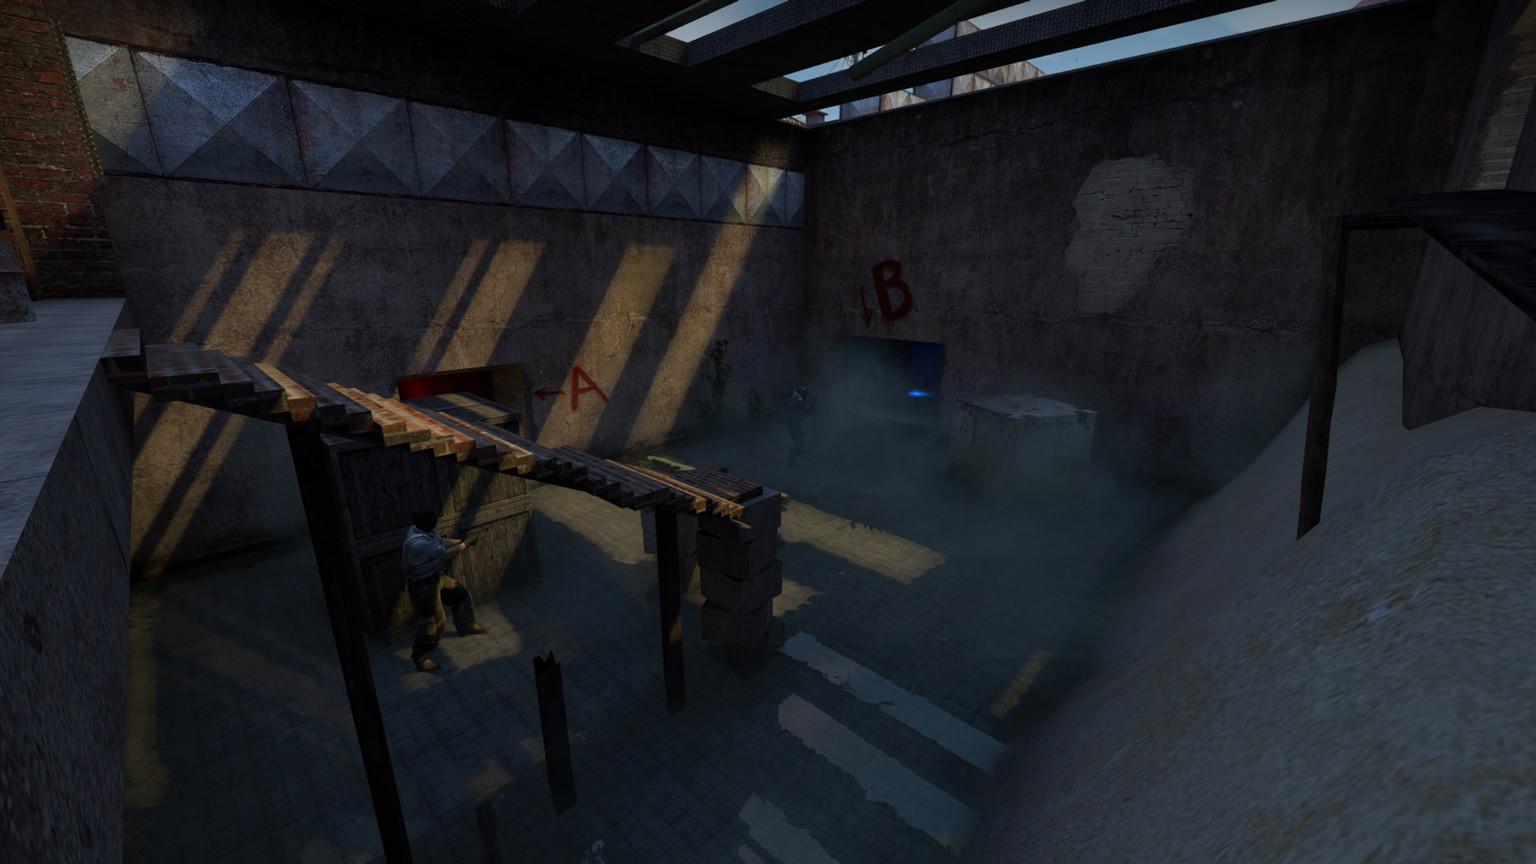 drone_screen_05.jpg.4951c5a03ed3fd73d8eb16fea161124d.jpg